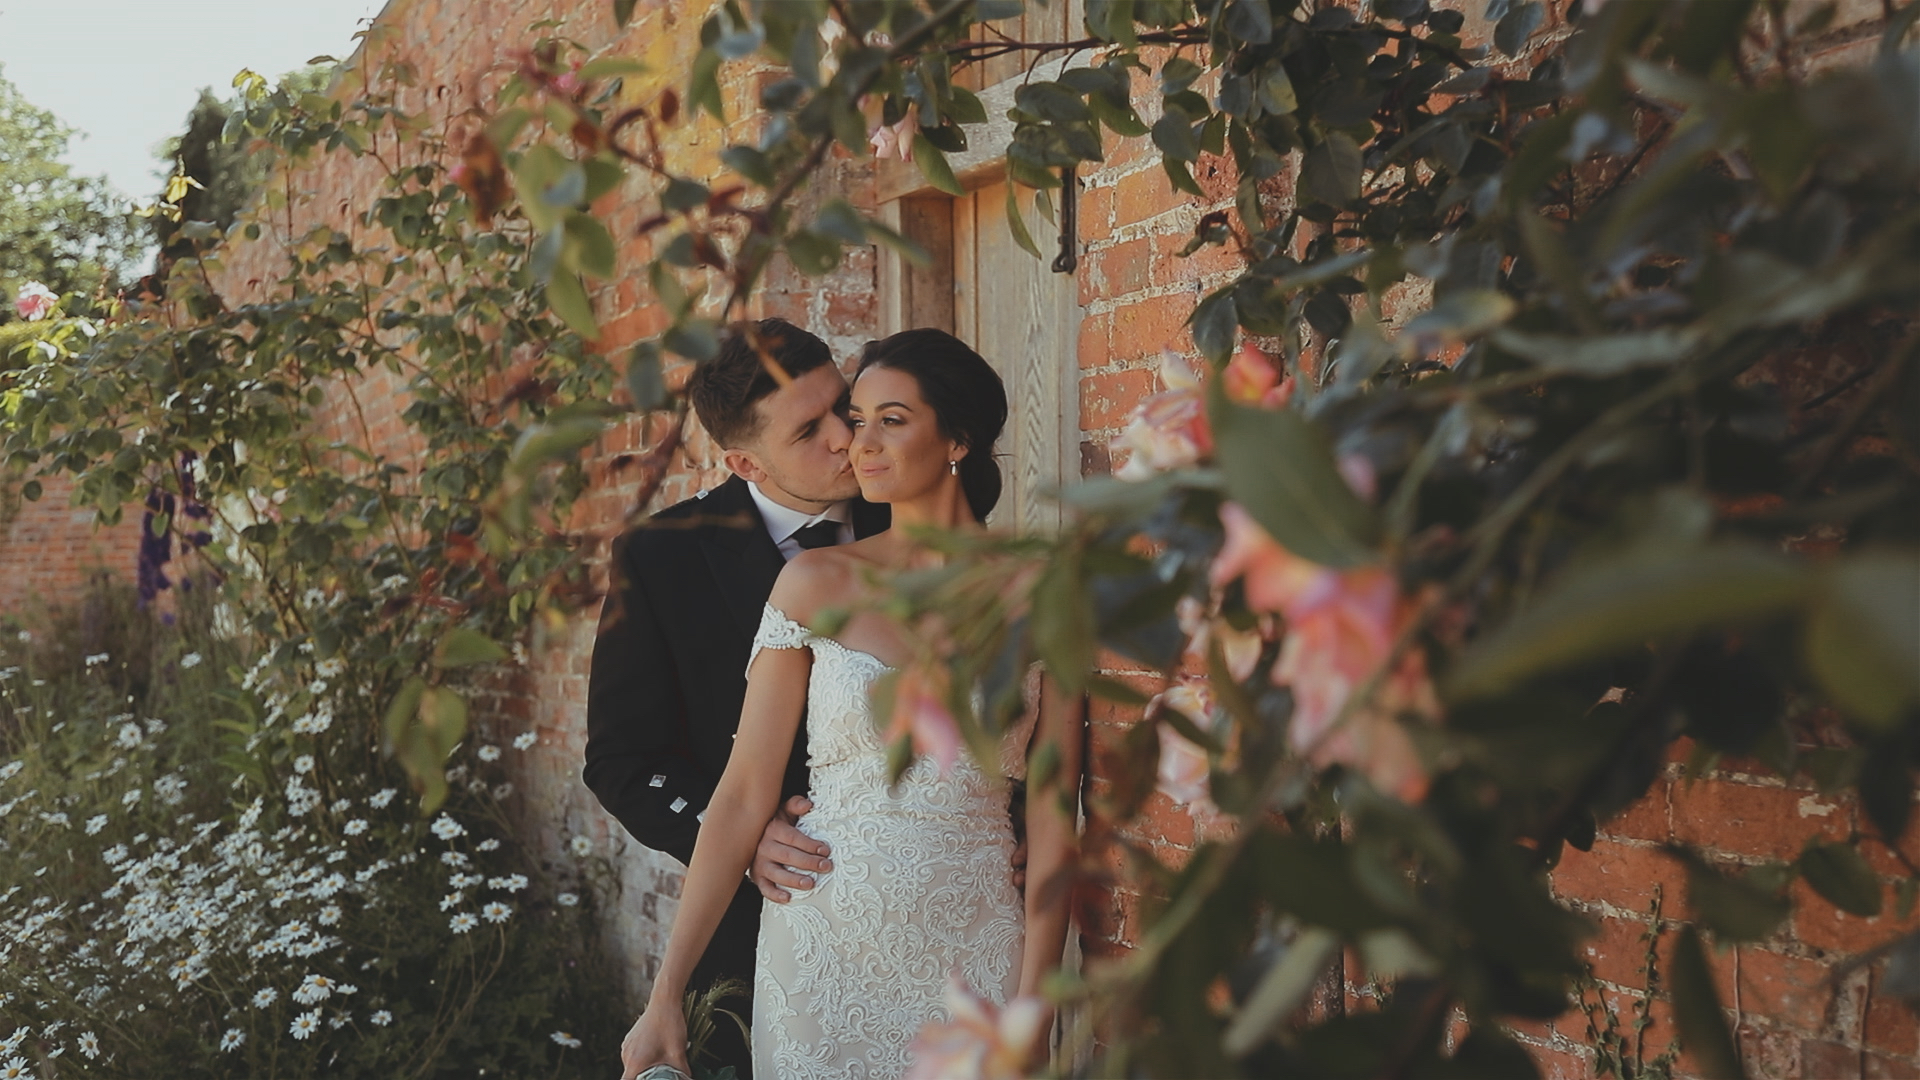 H&E rose cheek kiss